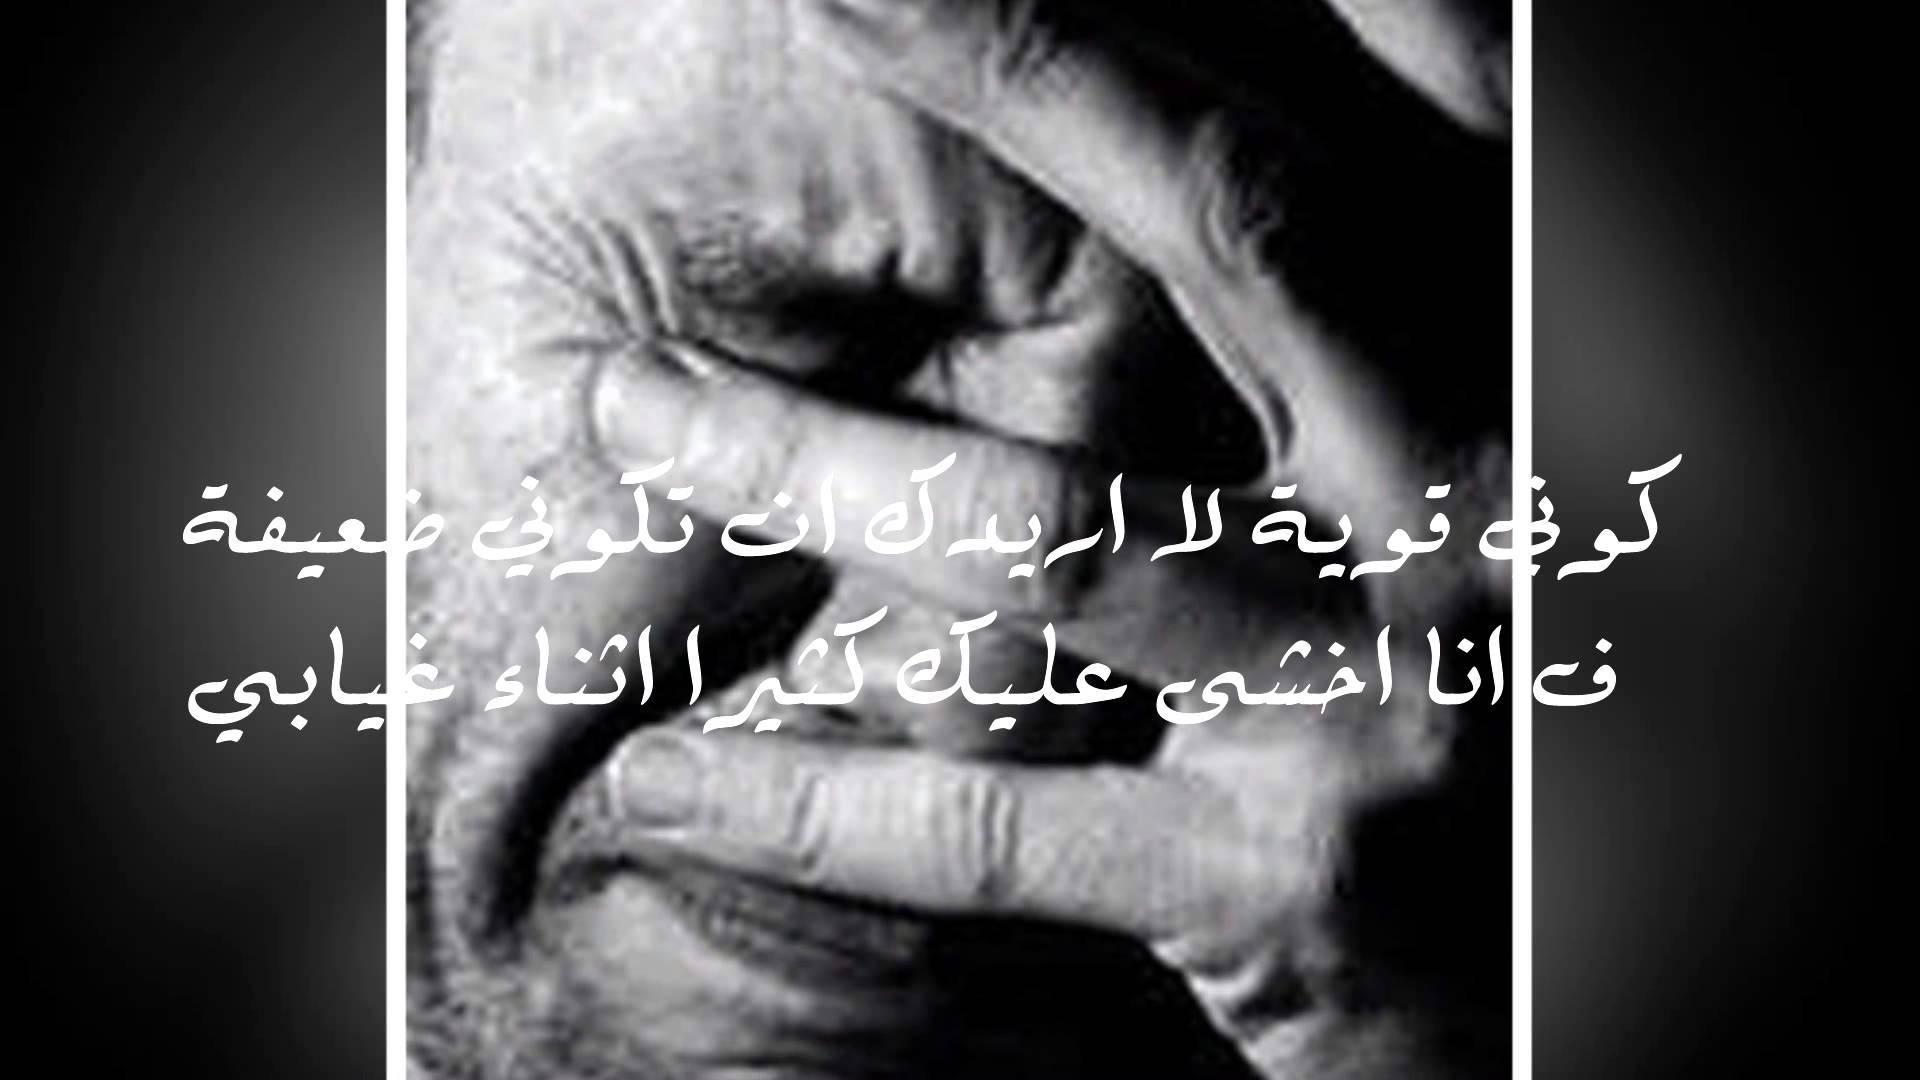 بالصور كلمات حزينة عن الفراق , خواطر حزينه جدا عن الفراق والاشتياق 5101 2